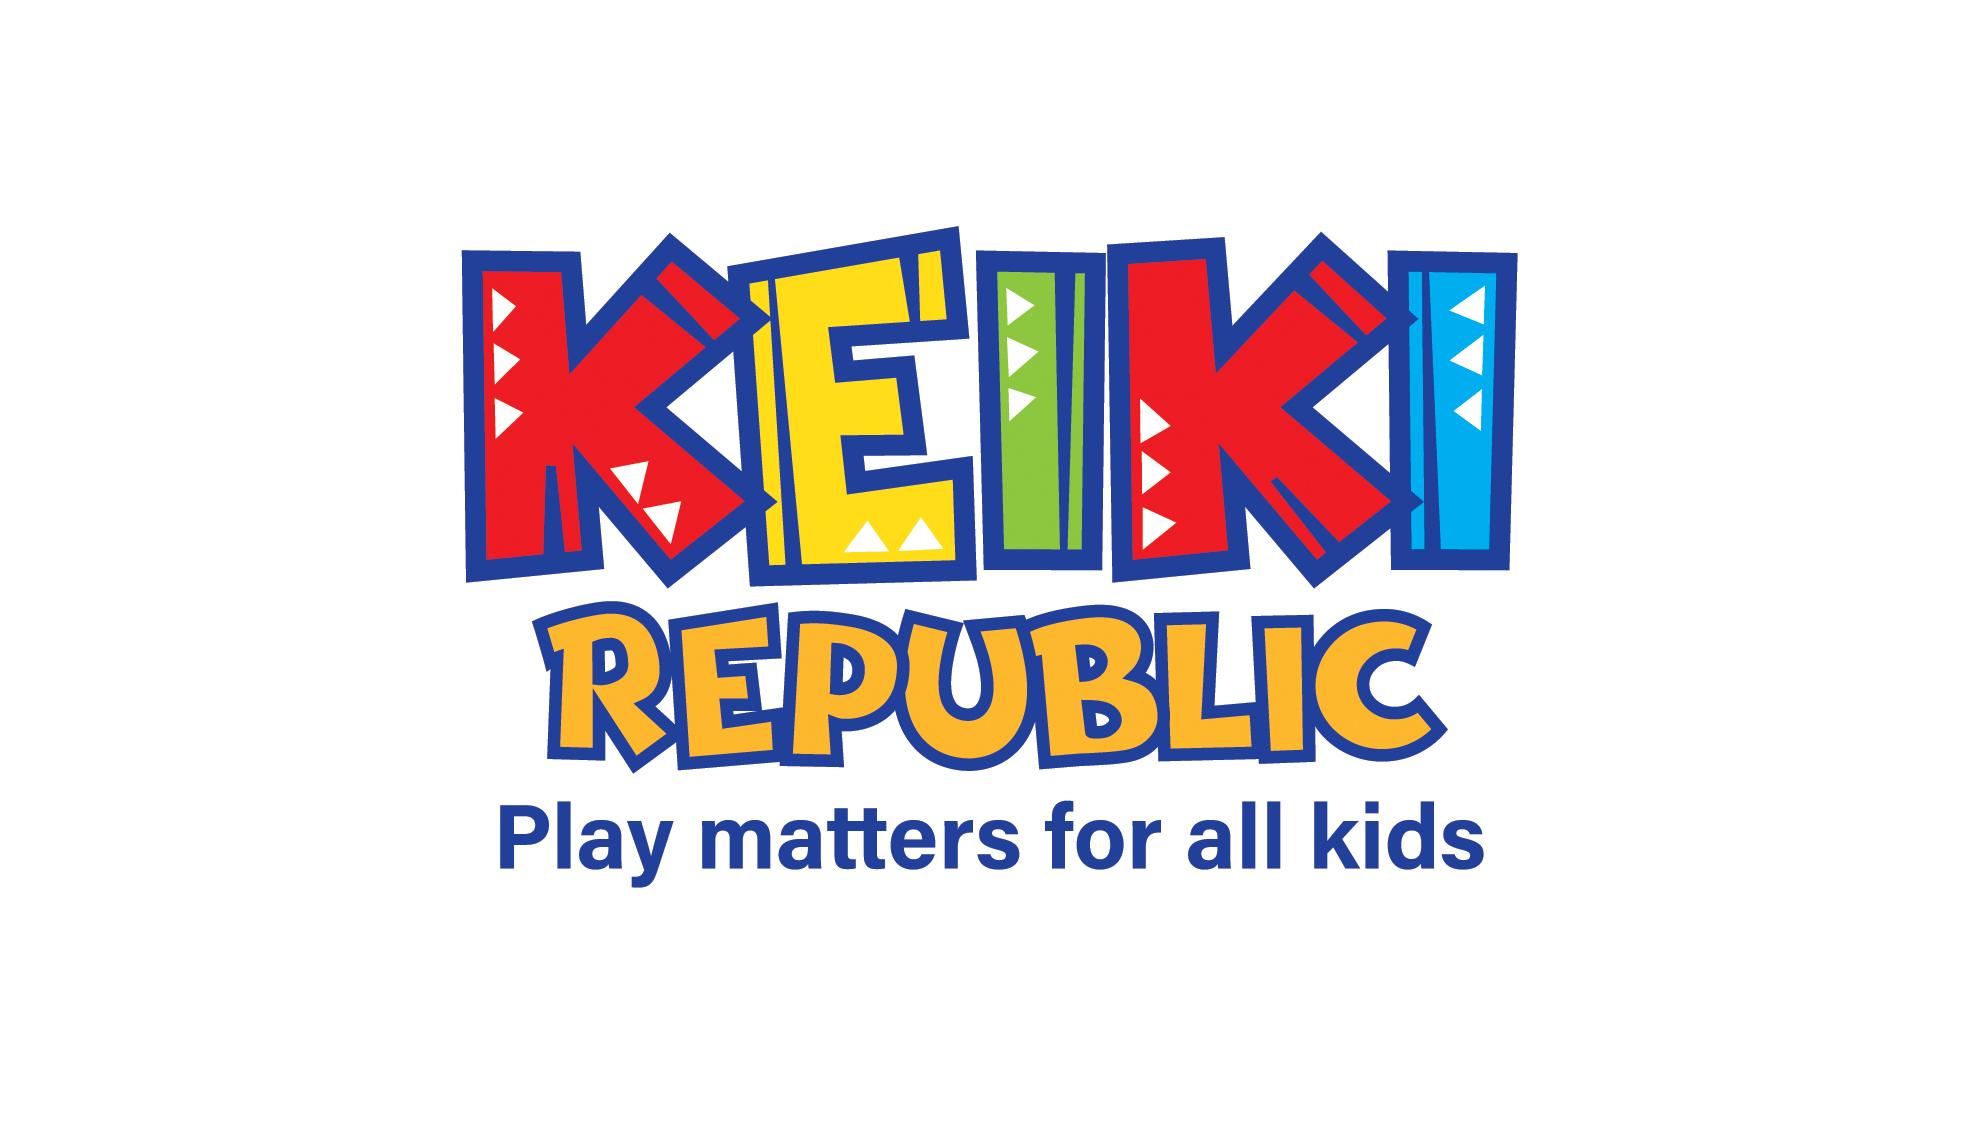 ケイキ・リパブリック Logo